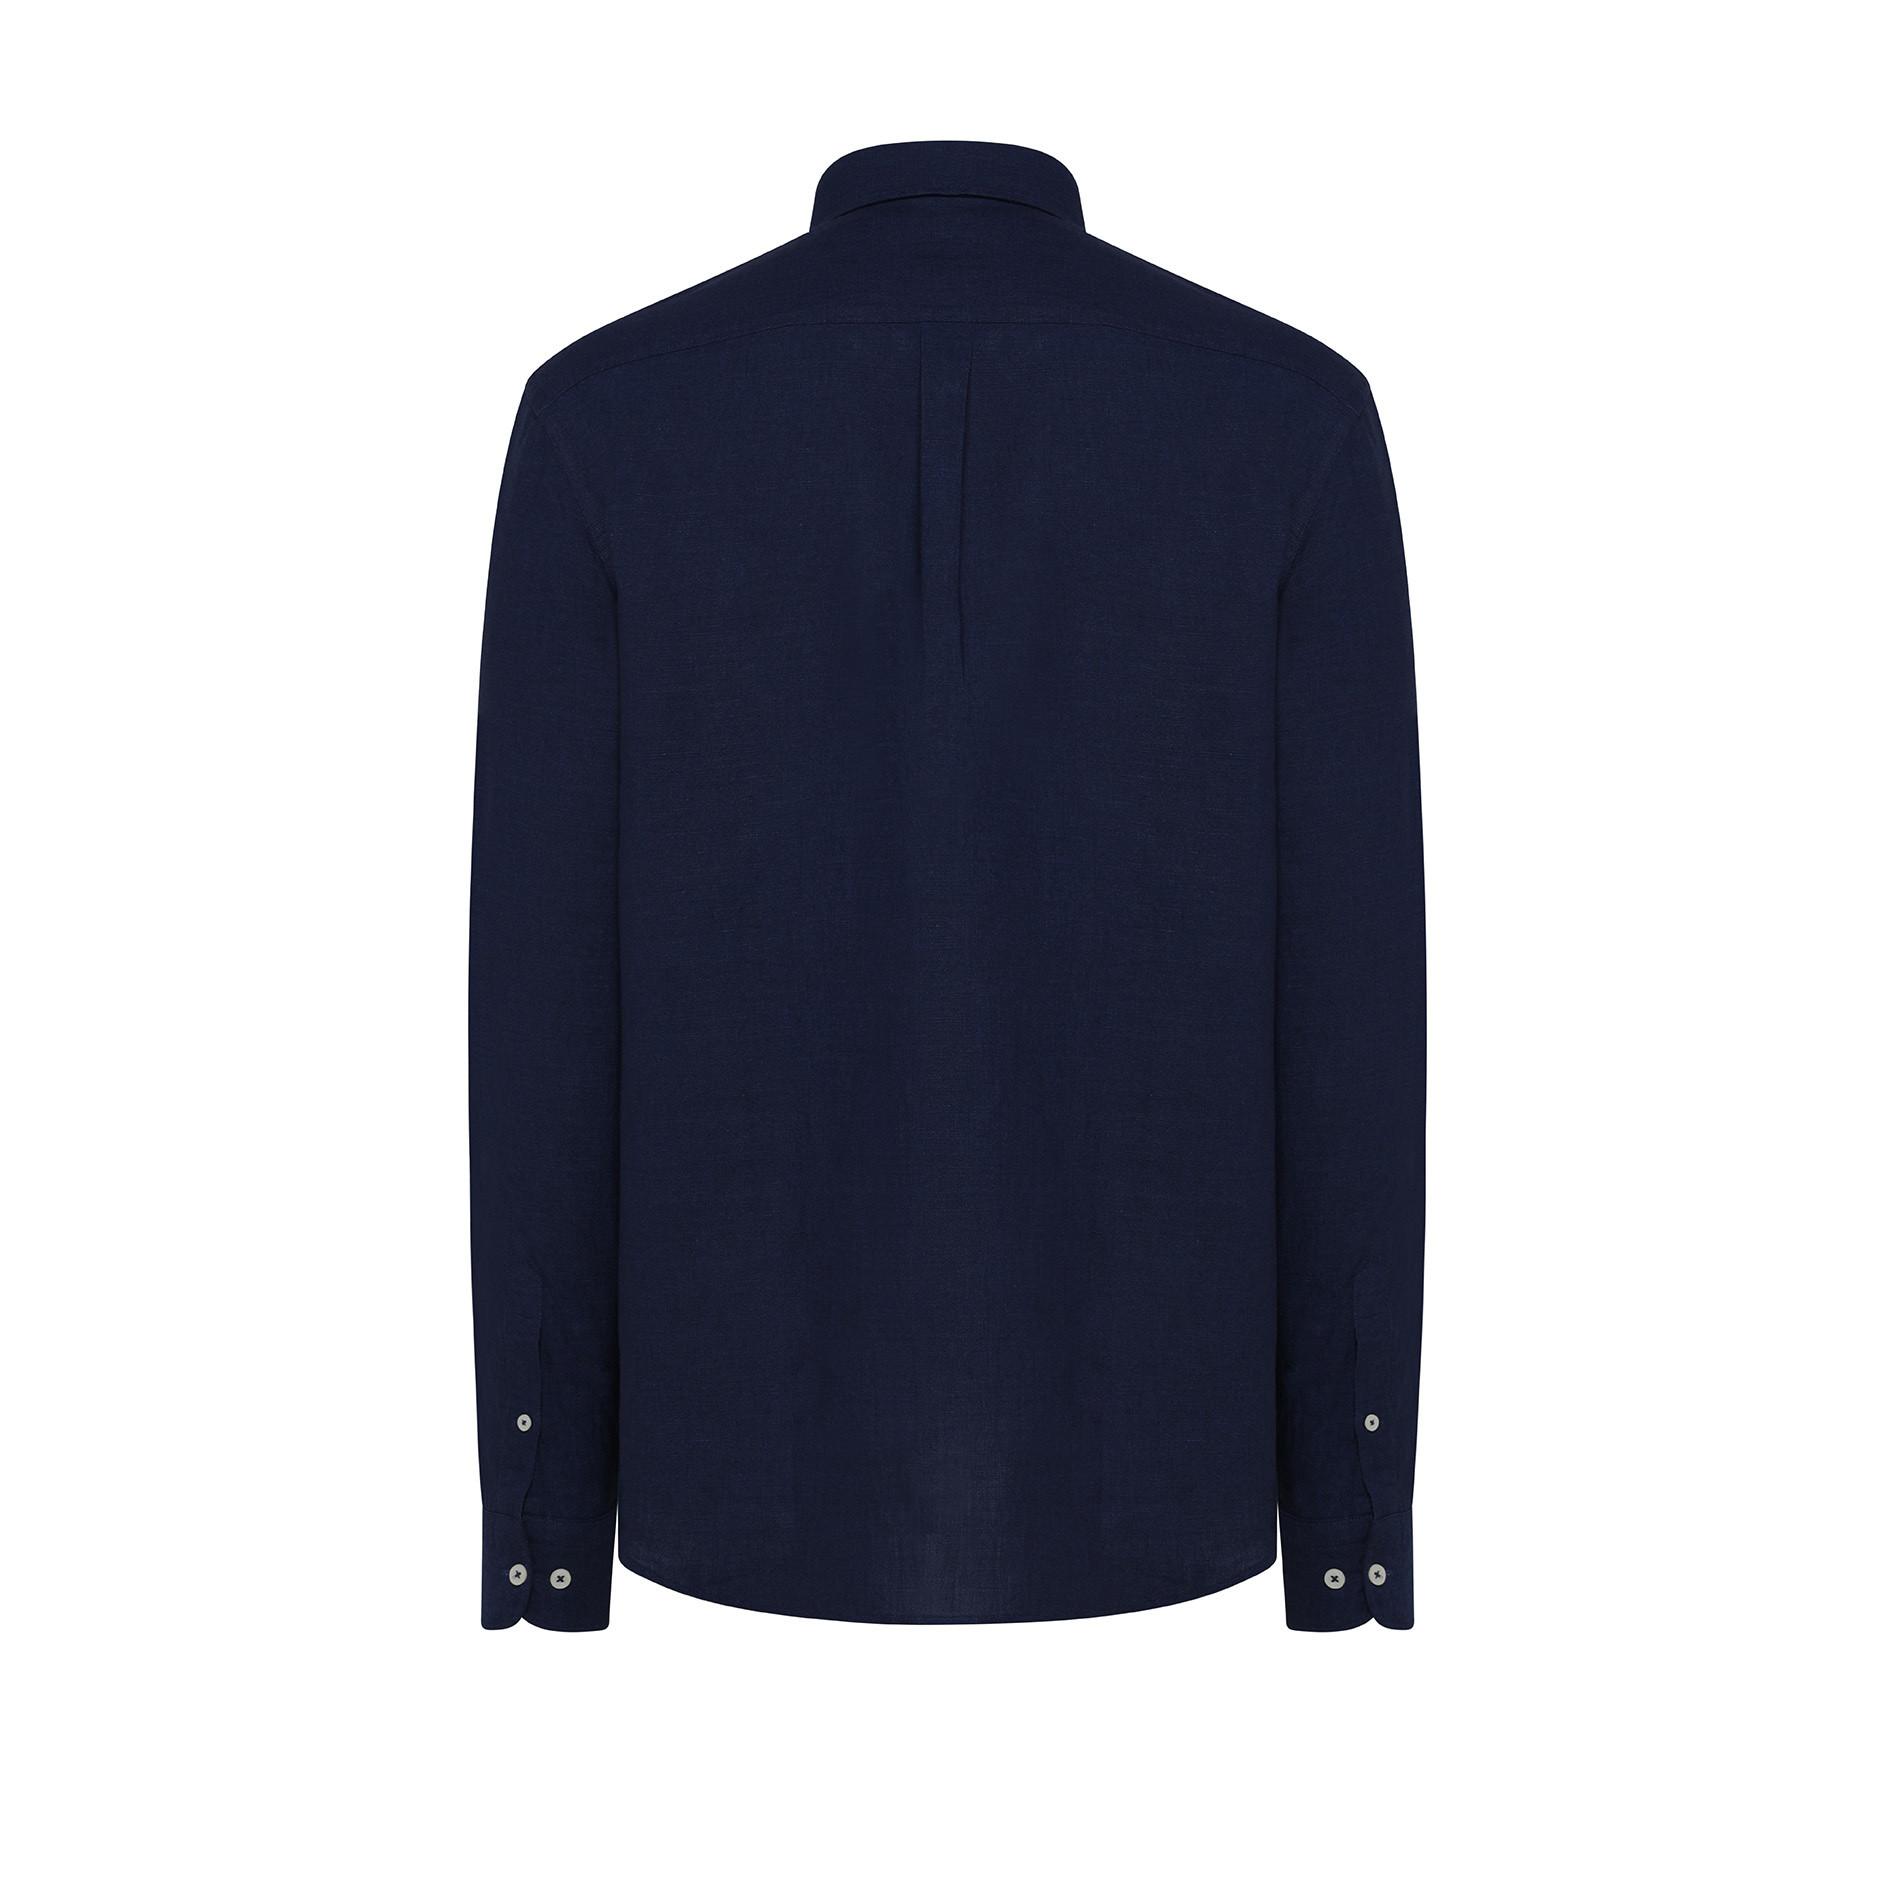 Camicia misto lino e cotone Luca D'Altieri, Blu scuro, large image number 1